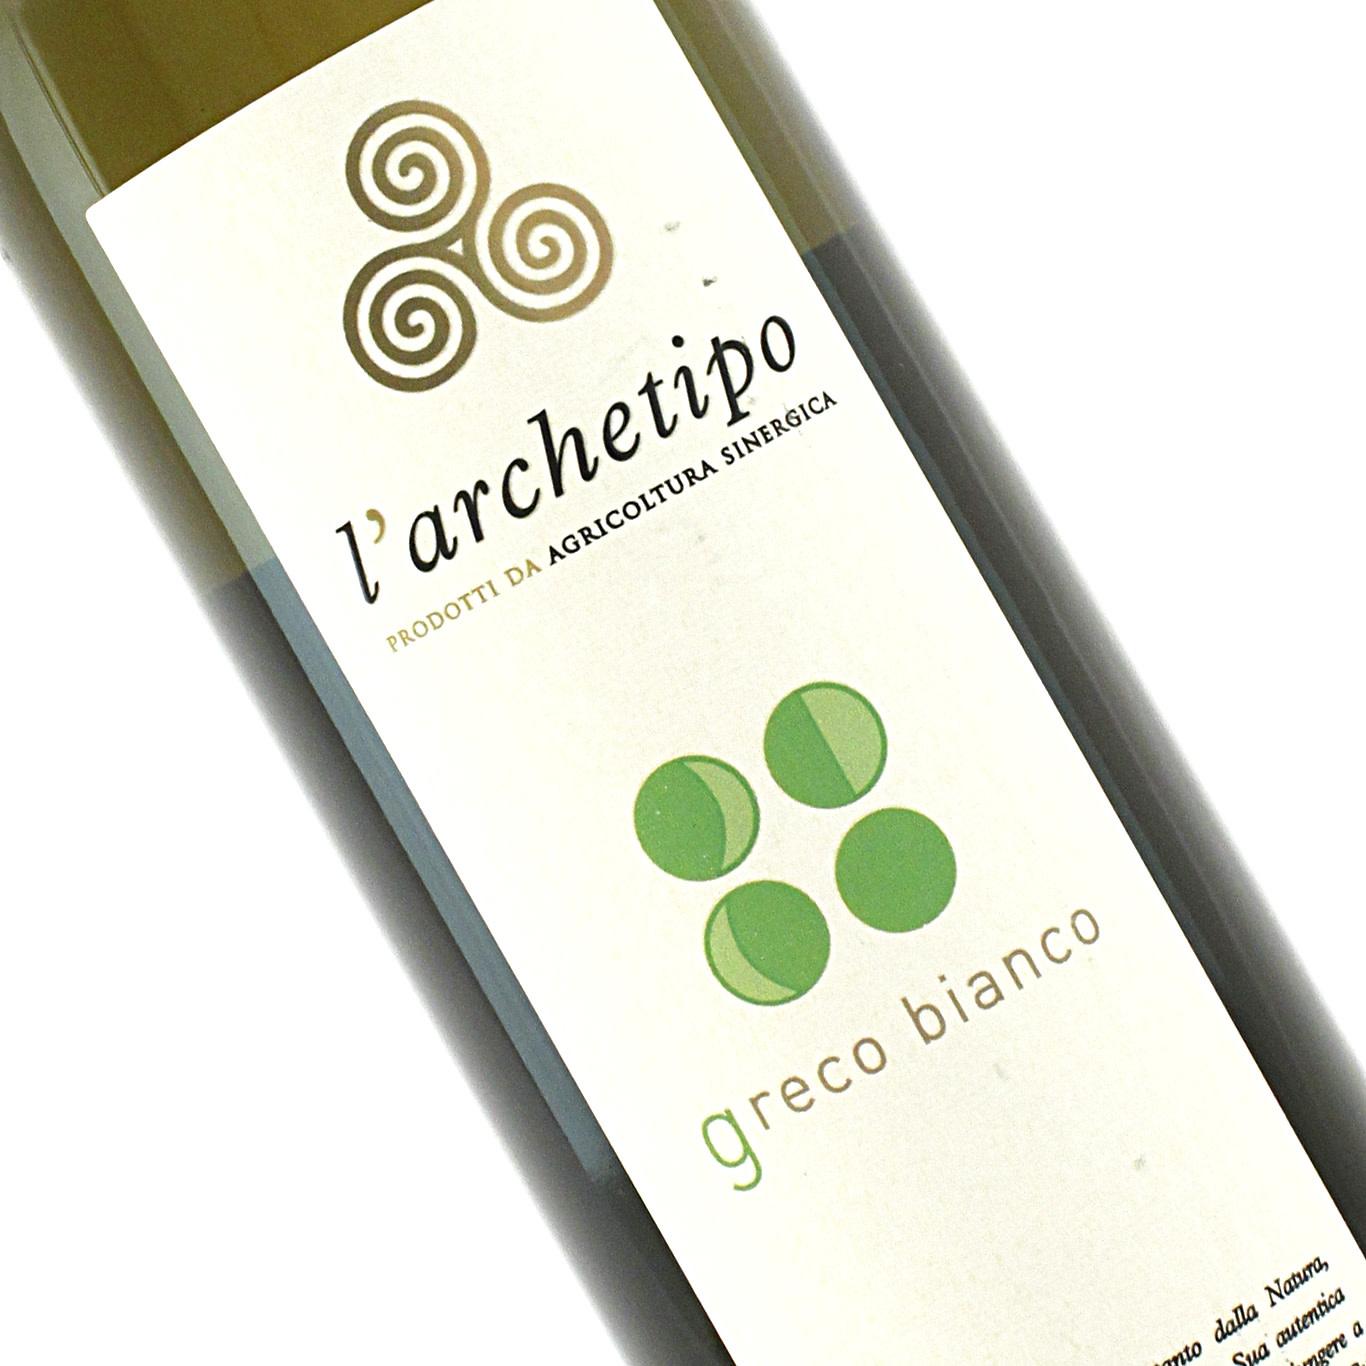 L'Archetipo 2018 Greco Bianco Salento, Italy - Organic